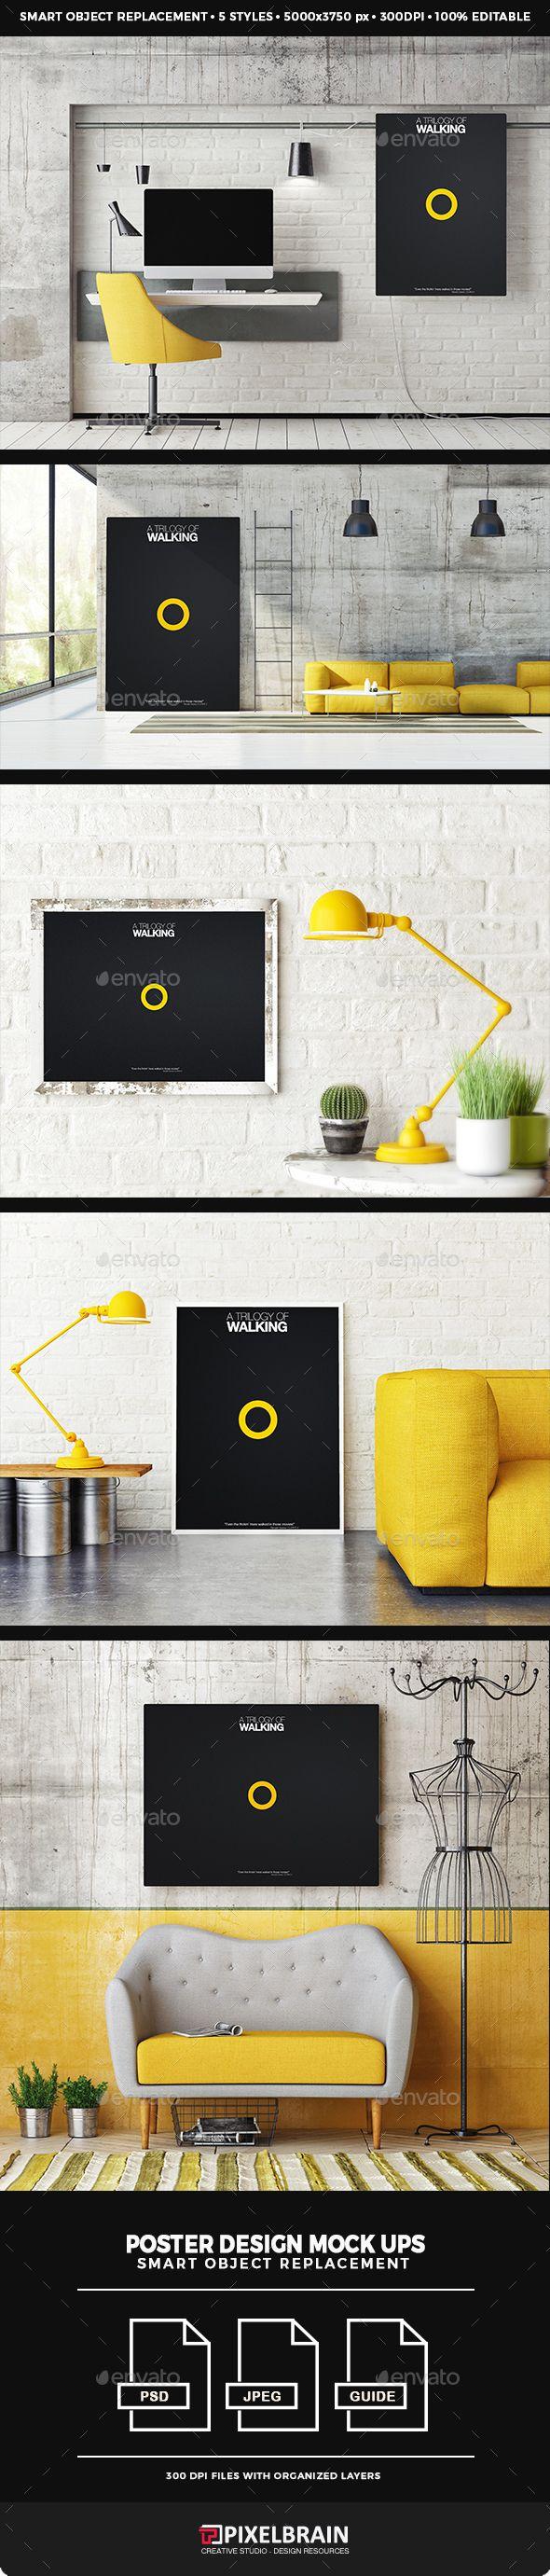 Poster design mockup - Posters Mock Up Design